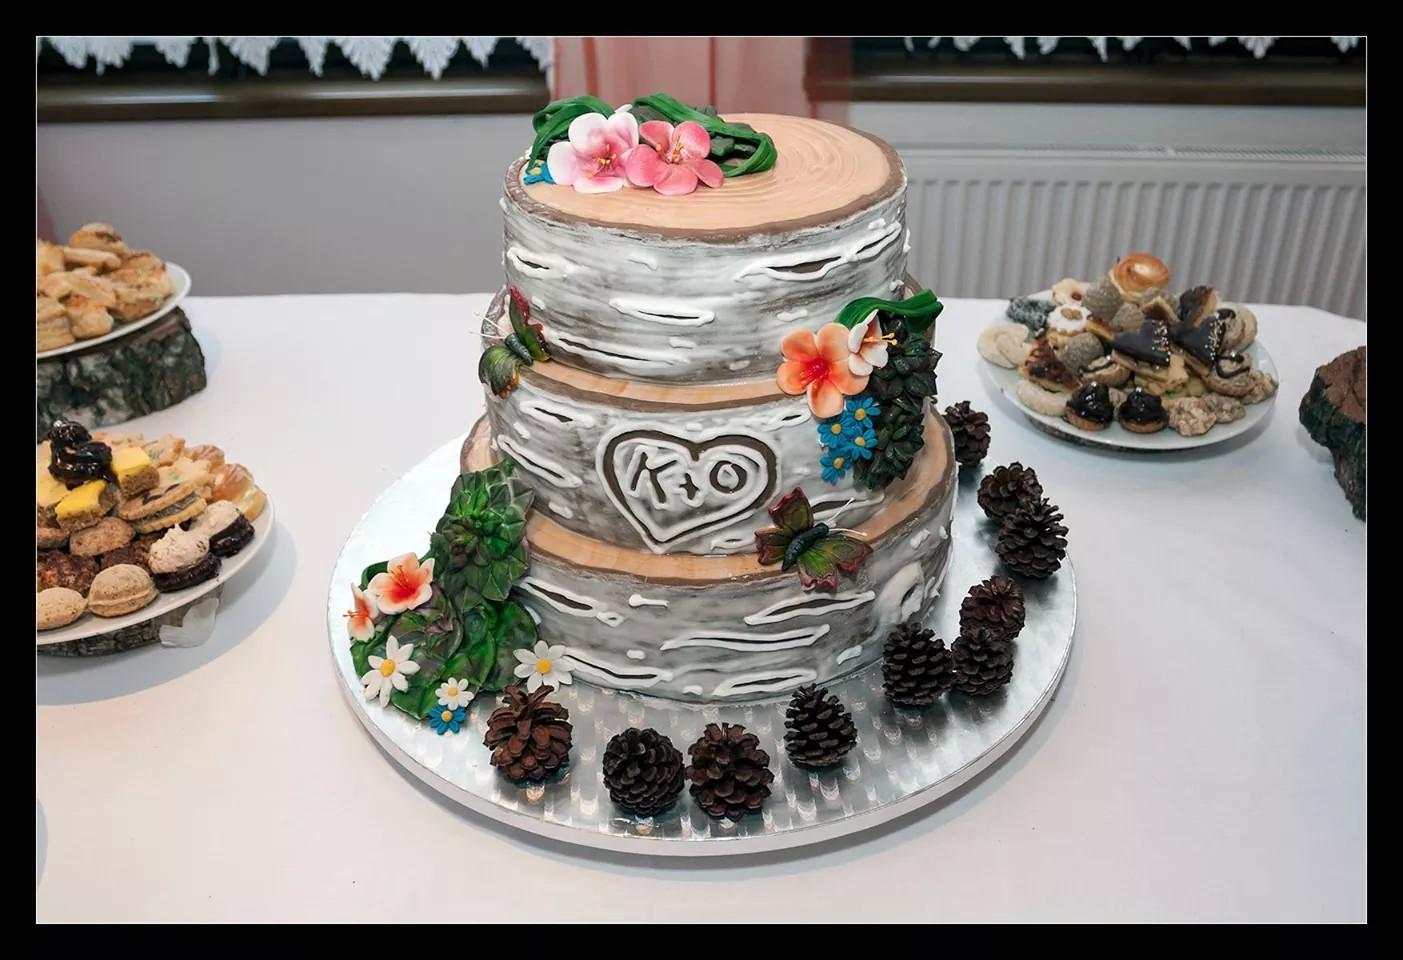 Náš dortík :) - Obrázek č. 1